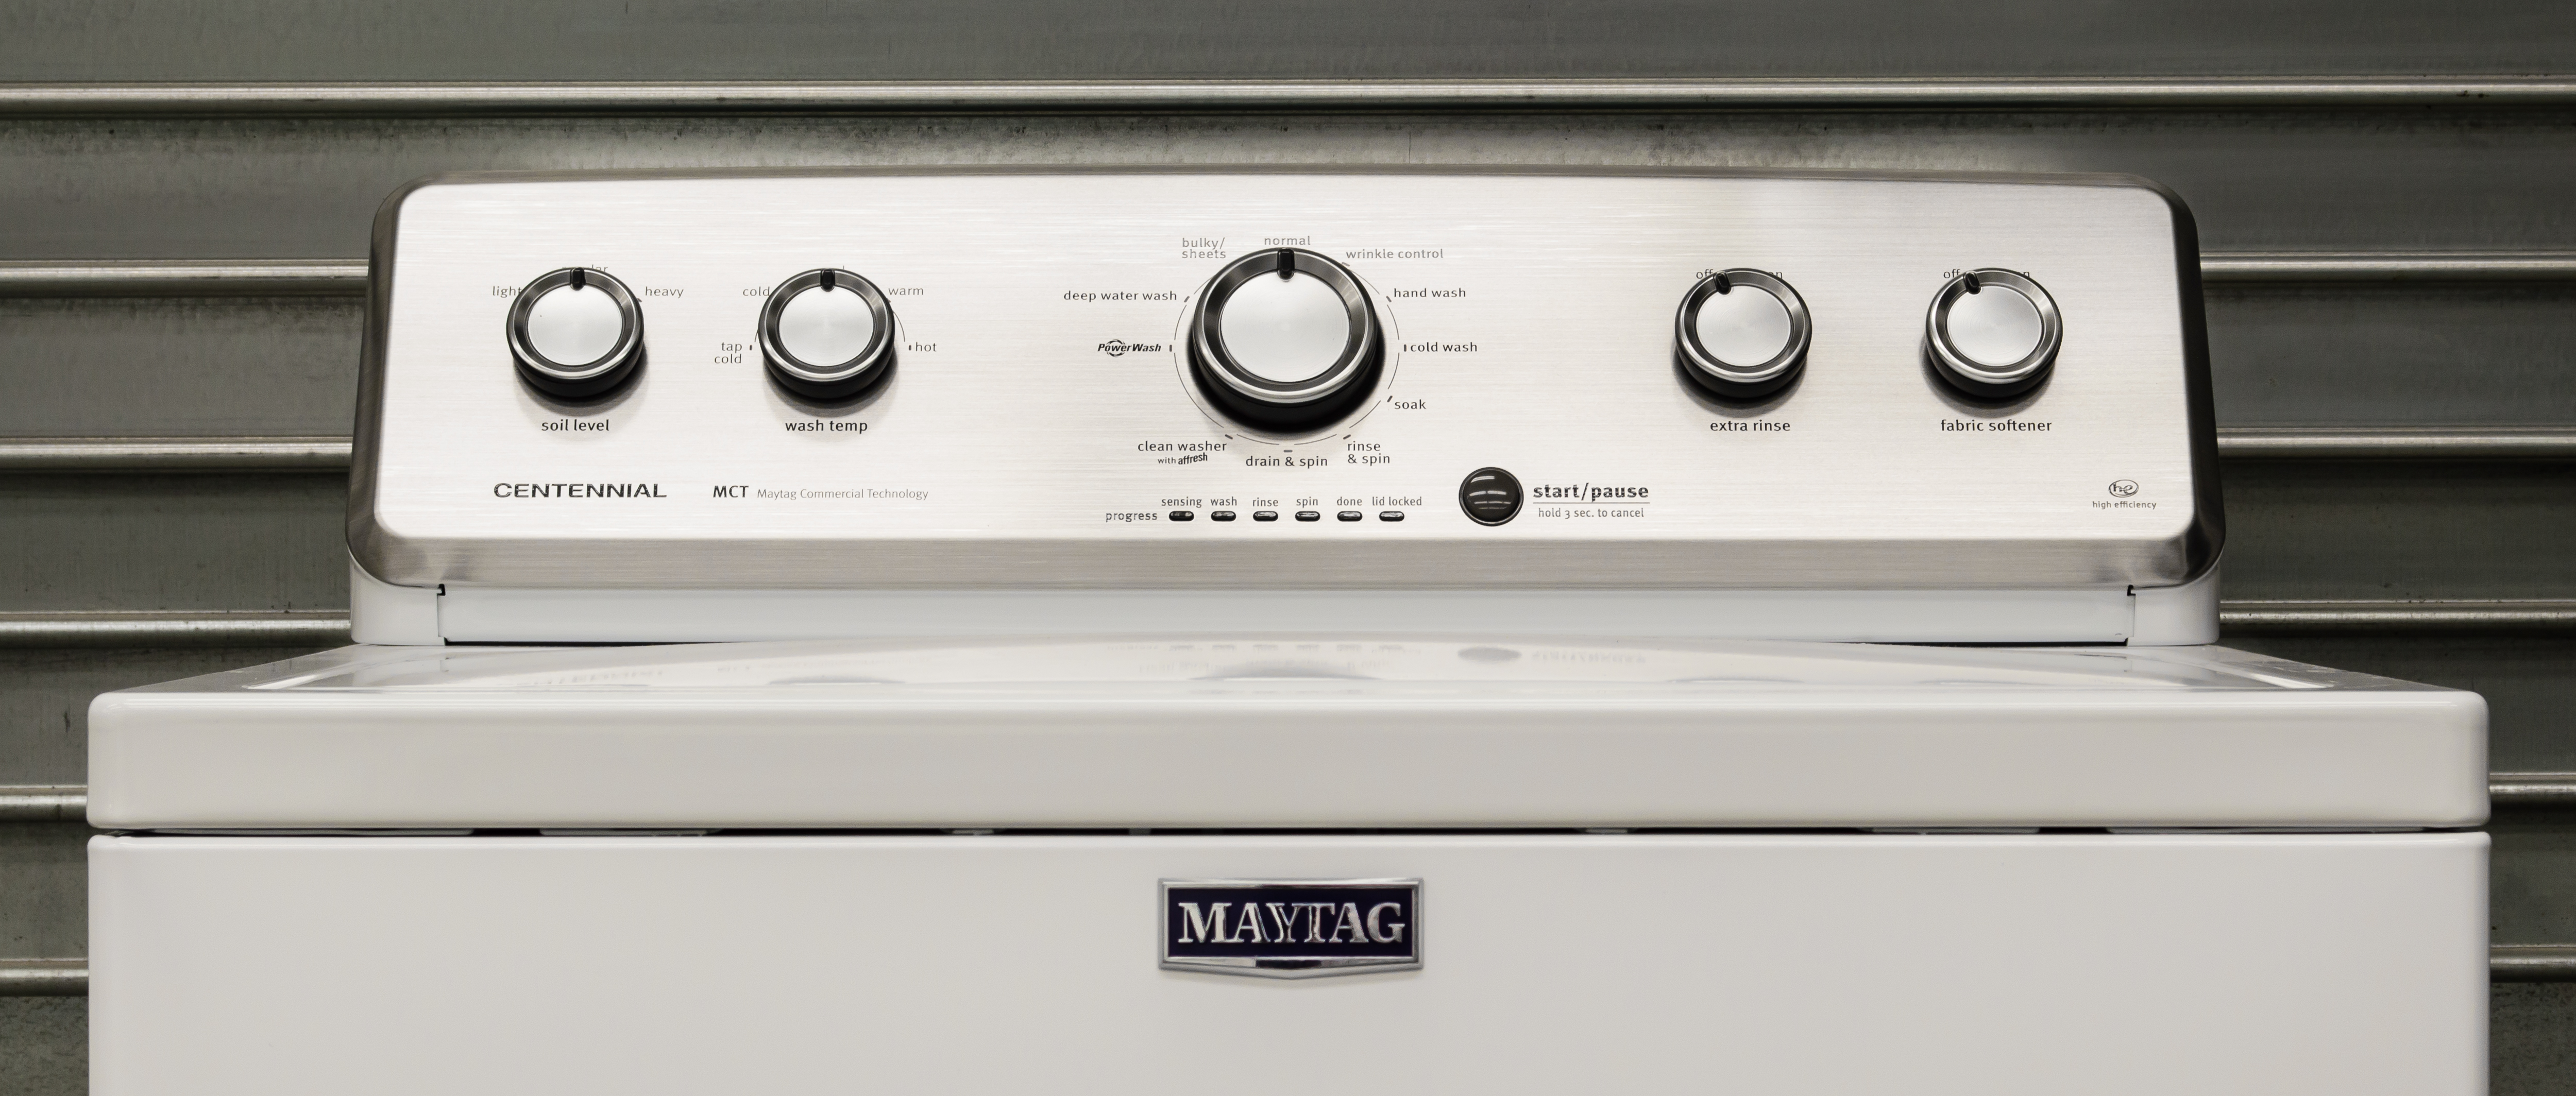 best maytag washing machine